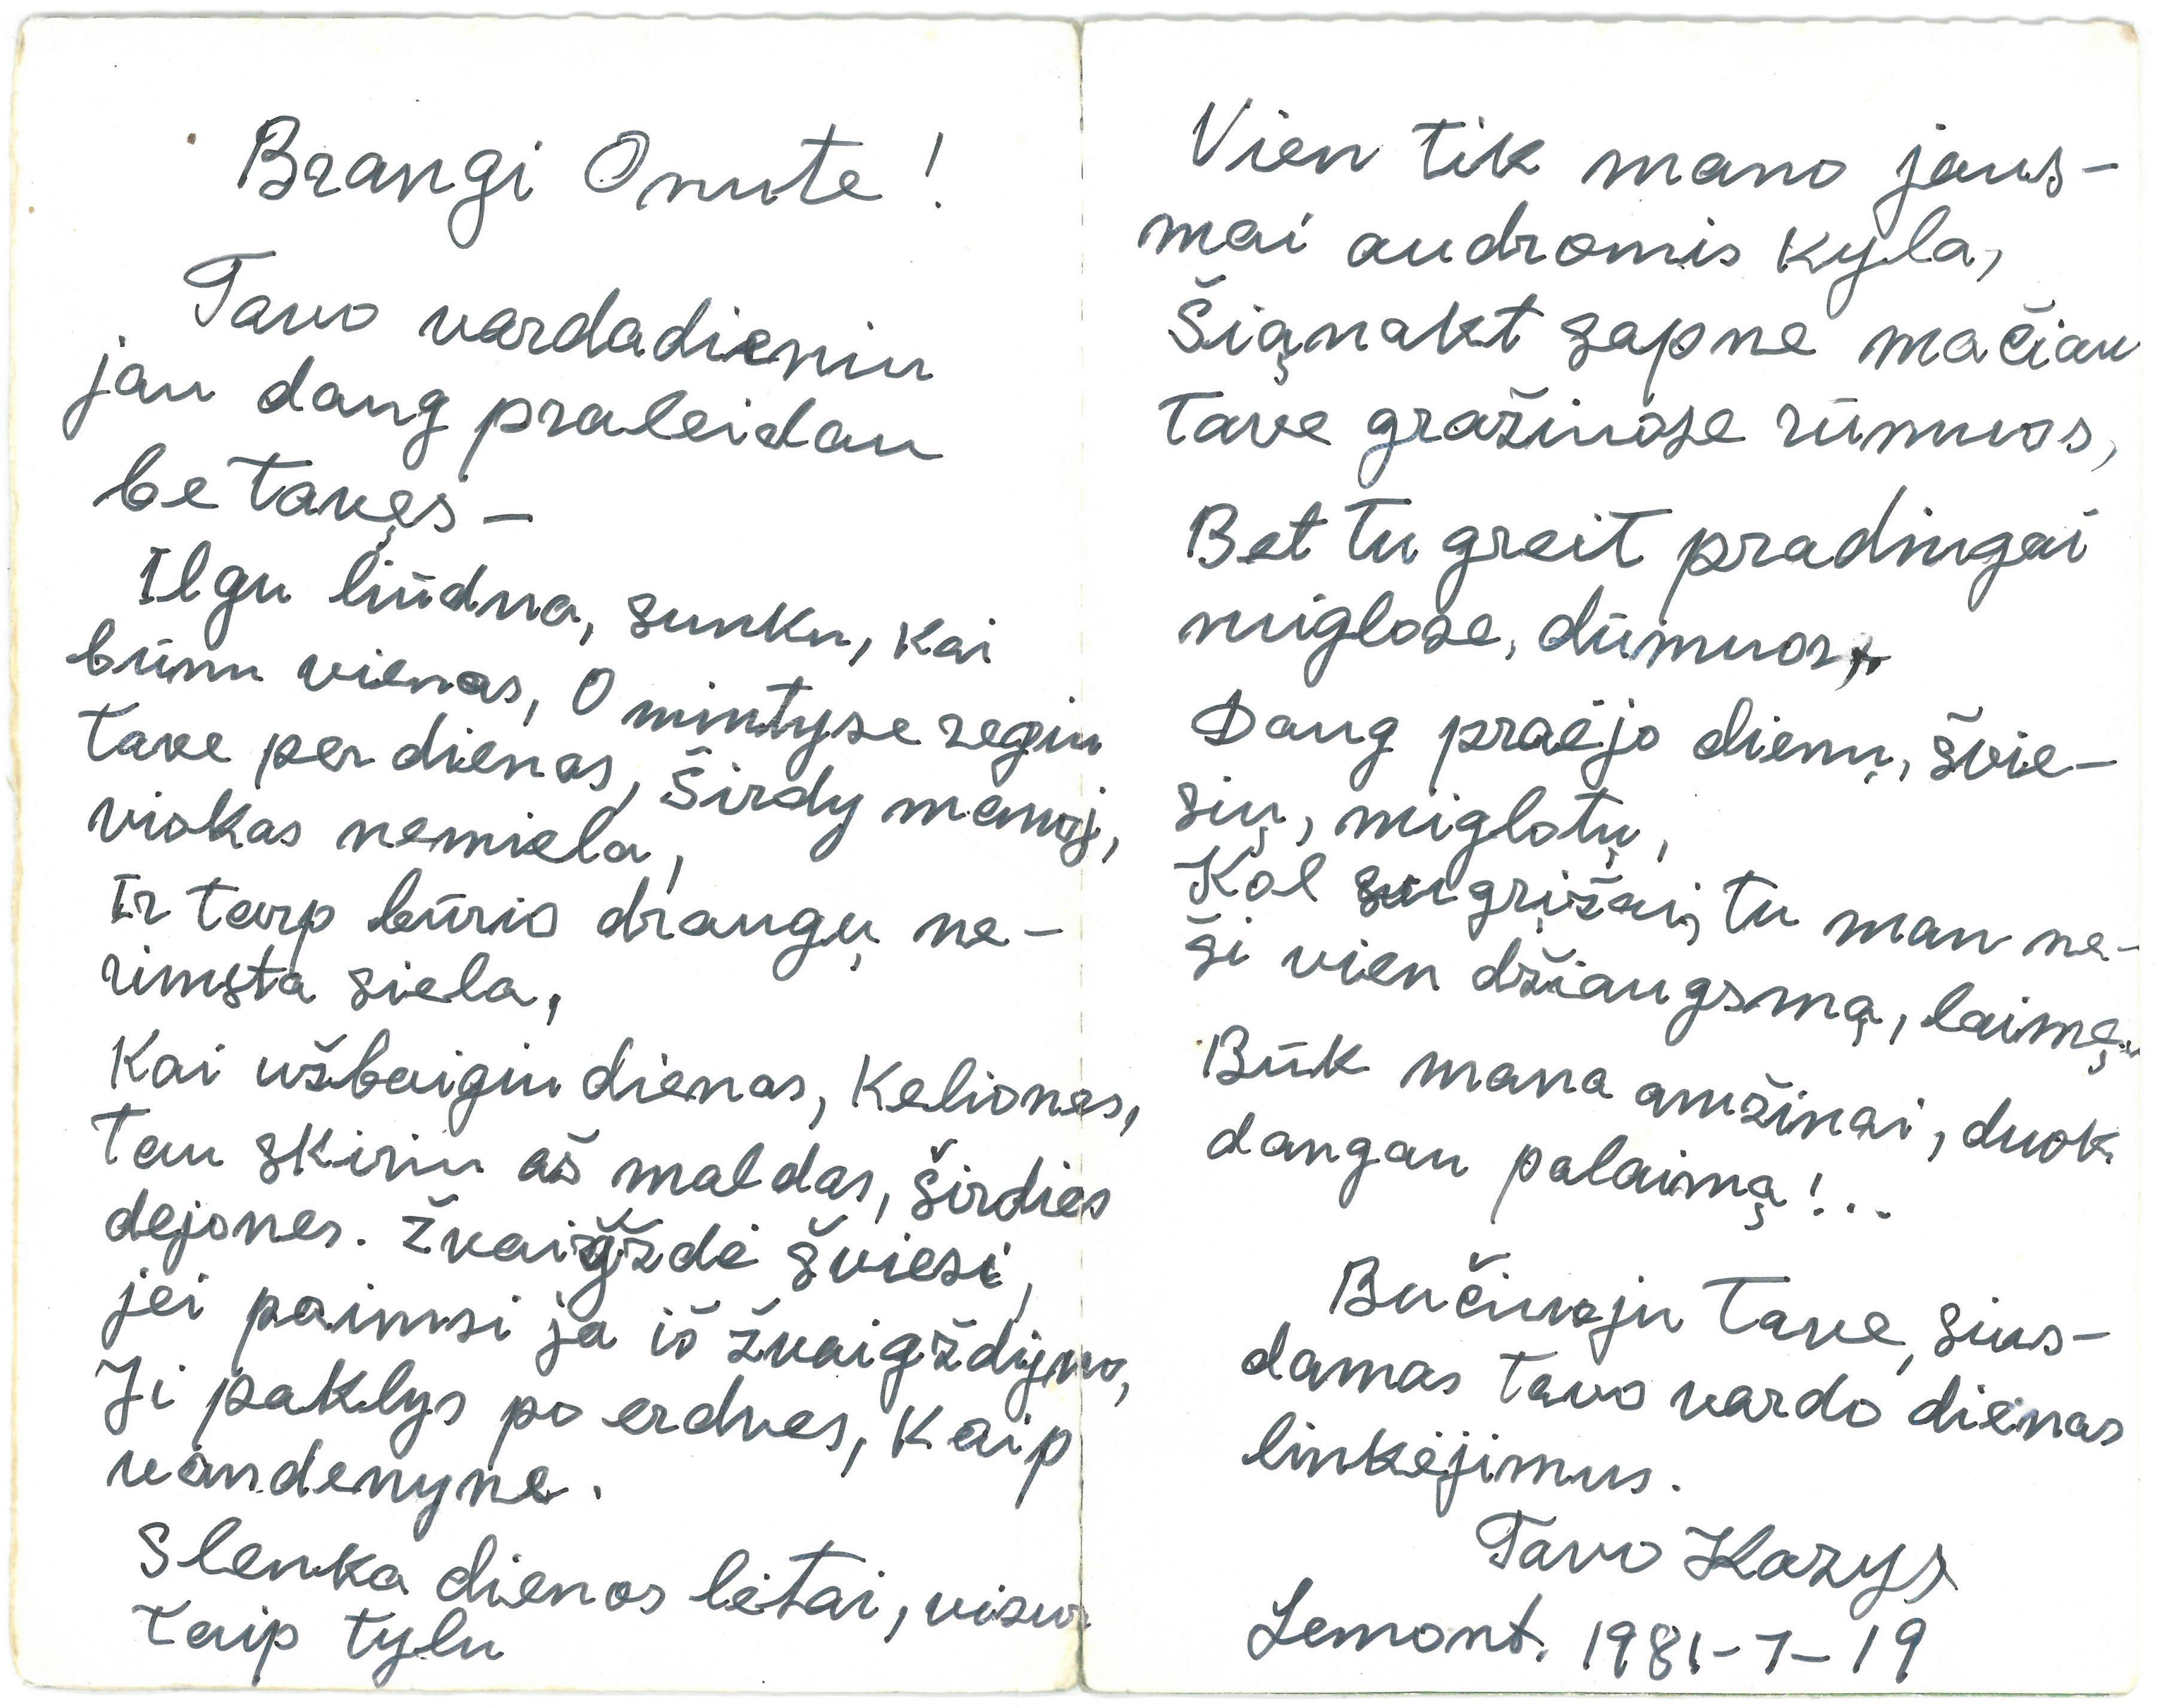 Vardinių sveikinimas. Kazys Balčiūnas sveikina savo žmoną Oną Balčiūnienę. 1981 m. liepos 19 d.